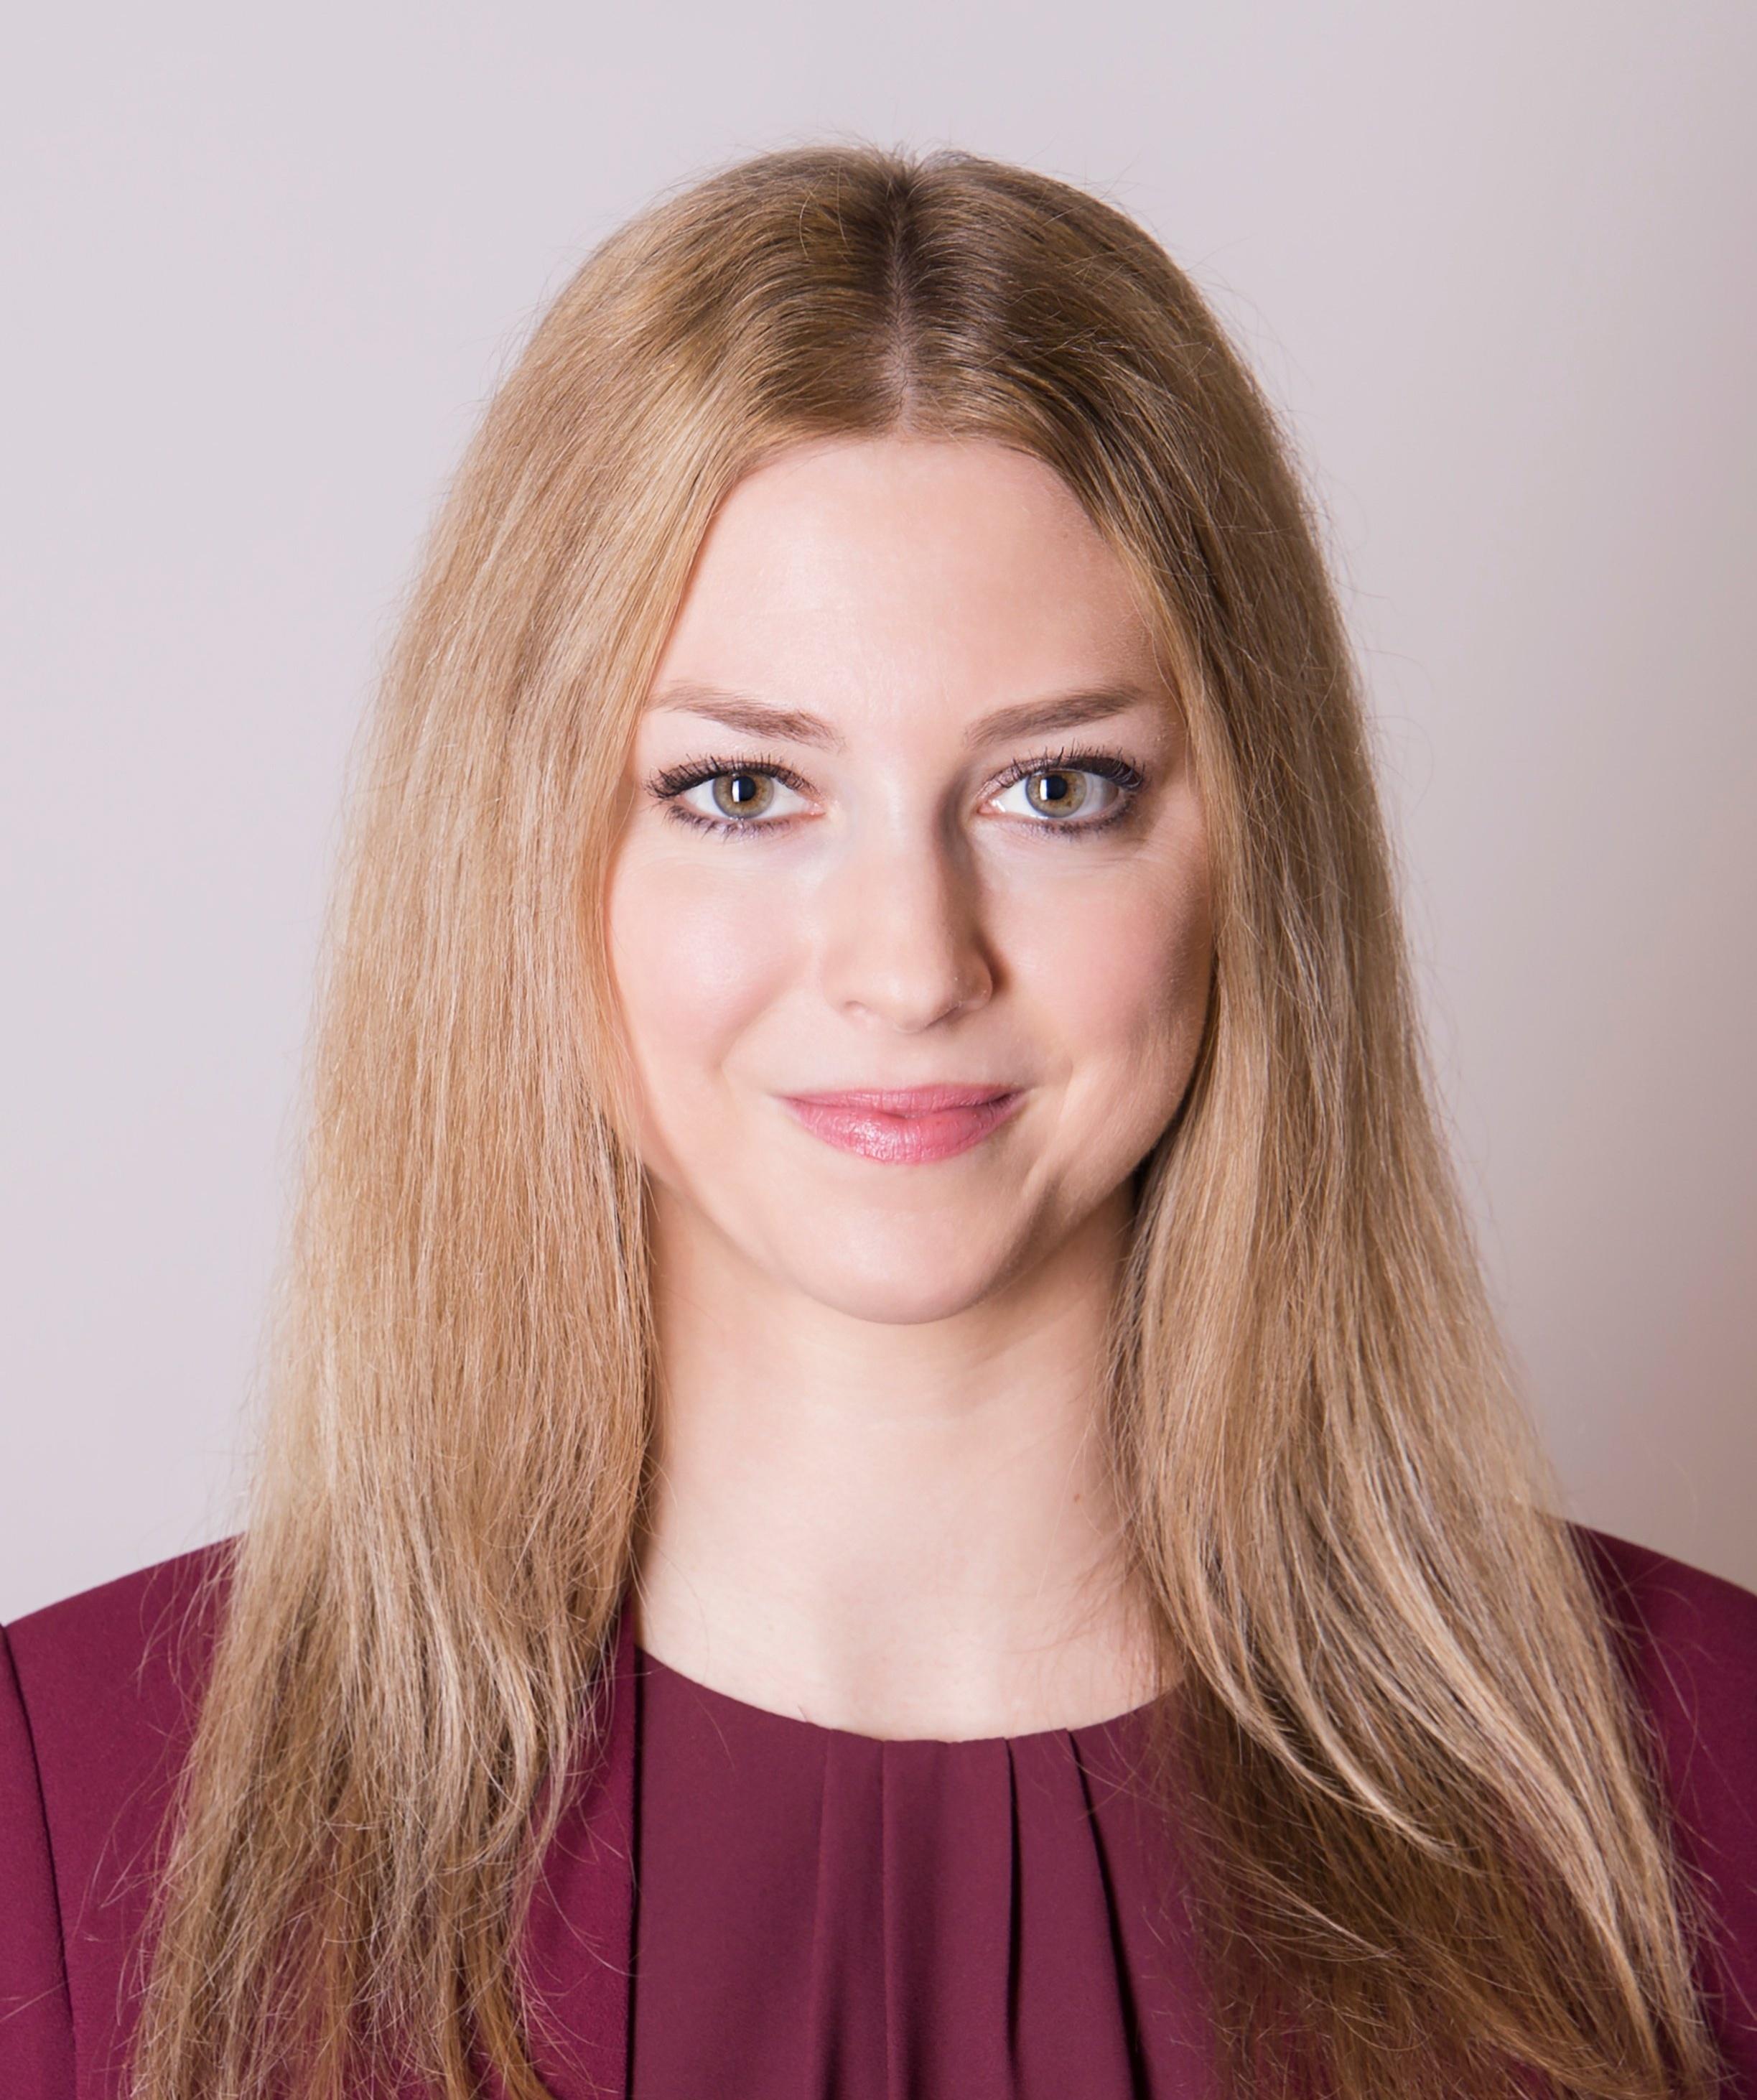 Stefanie Kargl